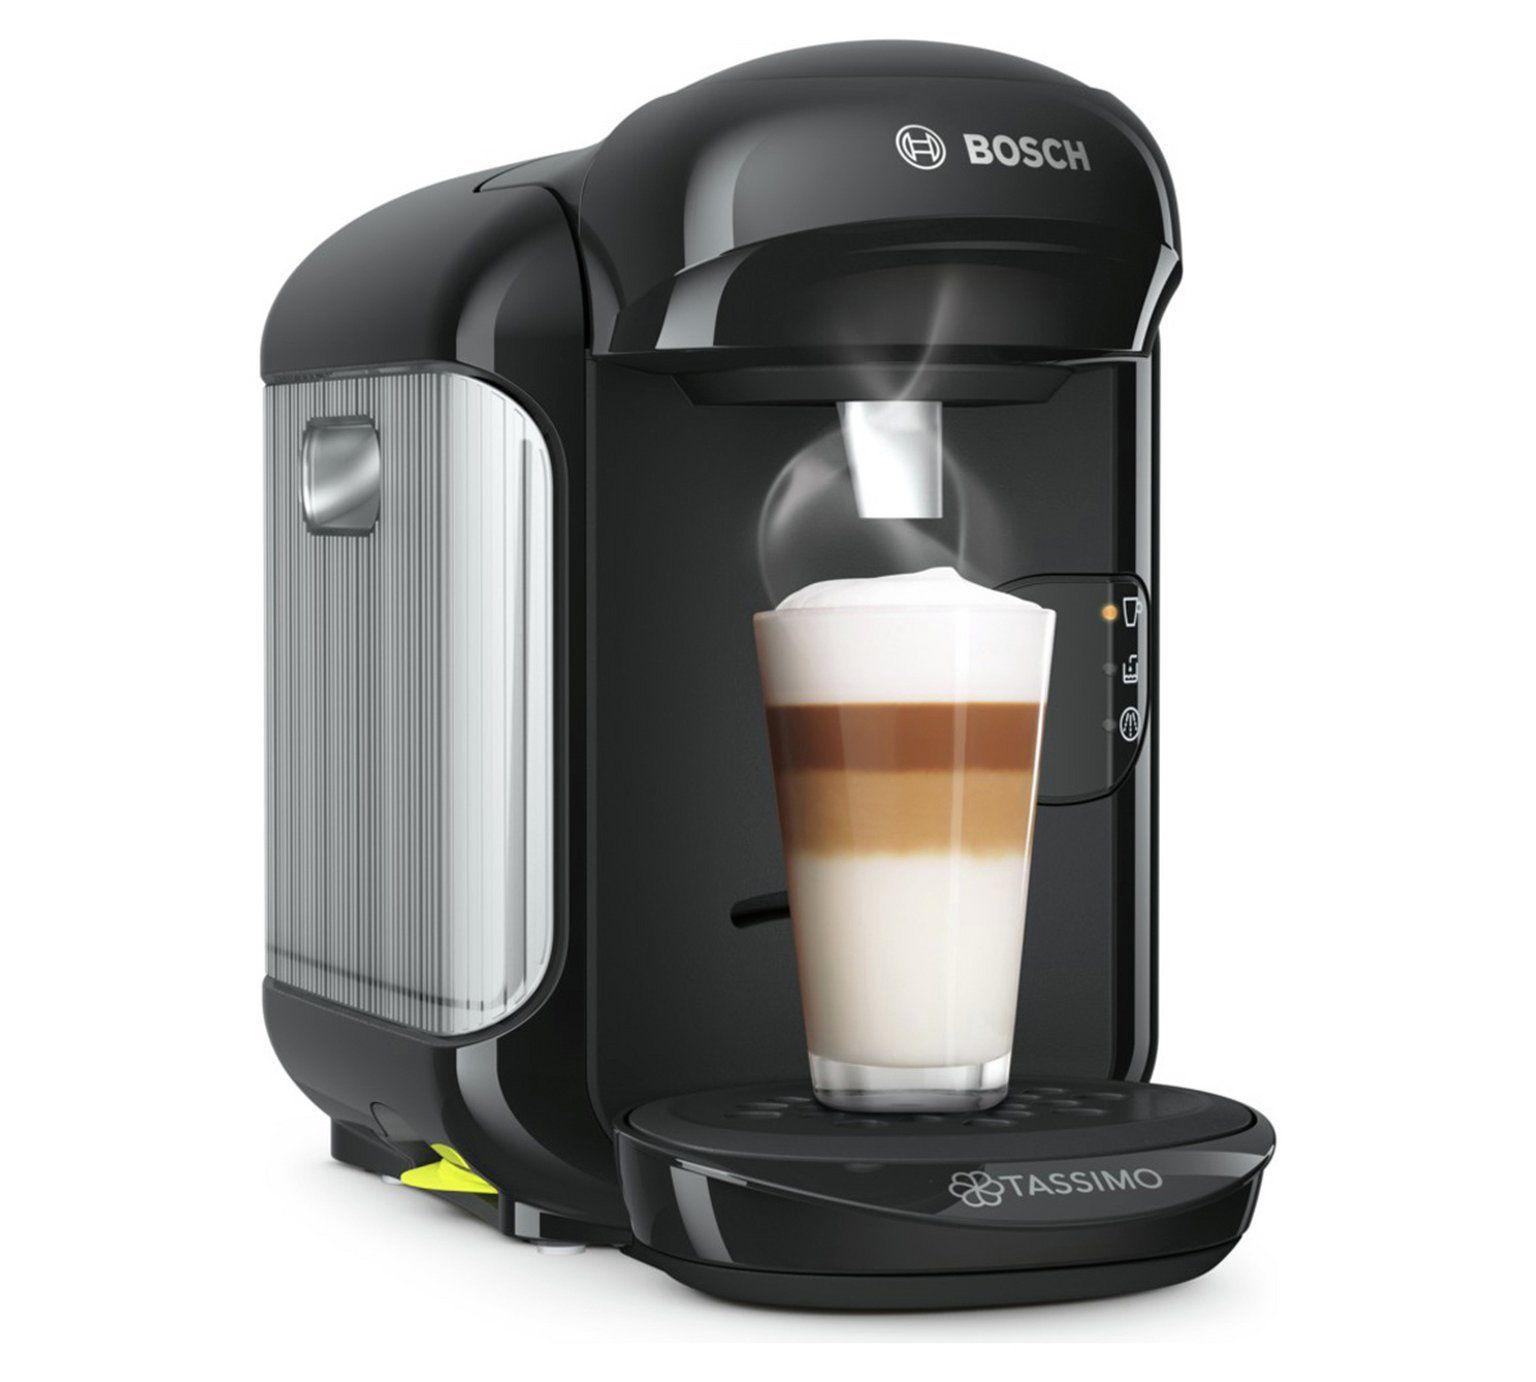 Bosch TASSIMO VIVY OFERTAS TASSIMO CAFETERAS